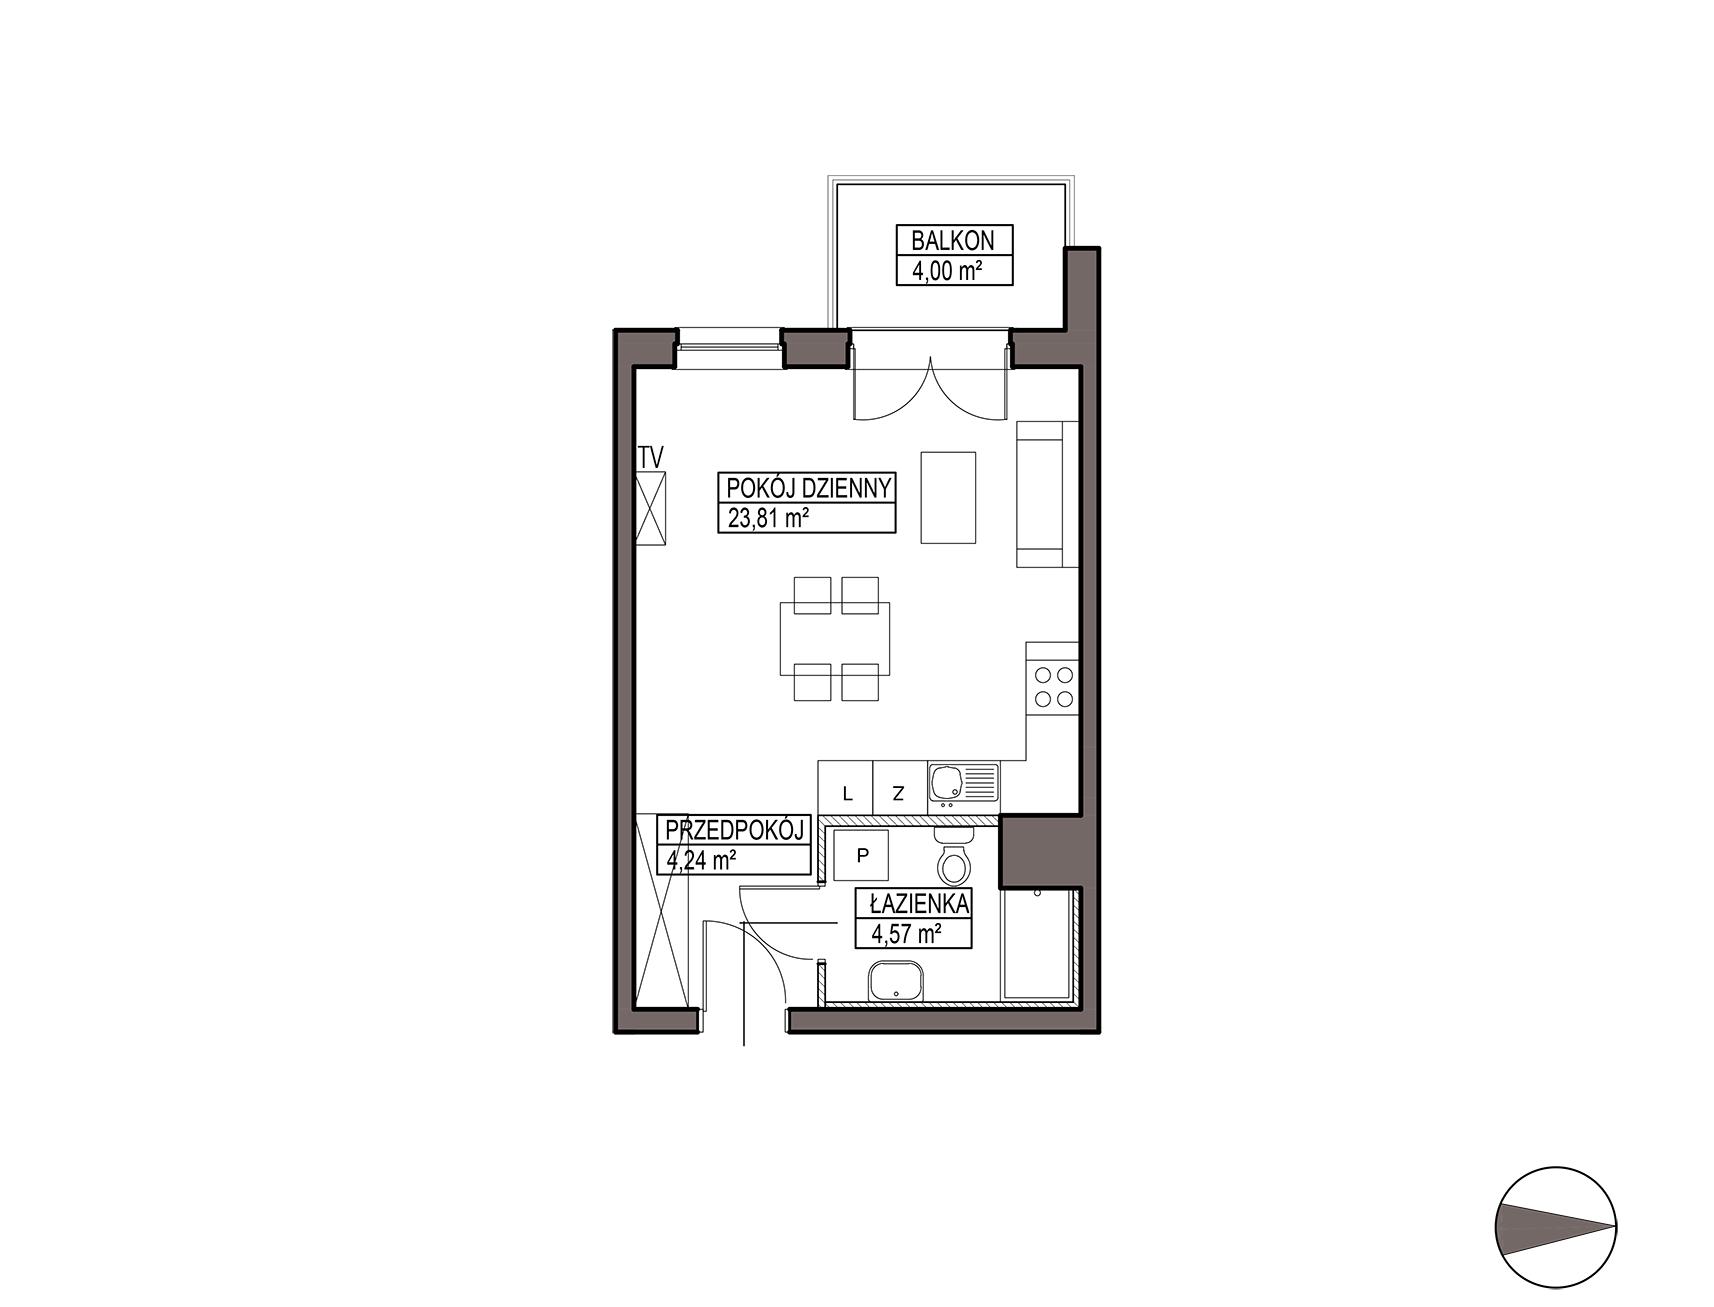 Uroczysko III / budynek 5 / mieszkanie G/1/26 rzut 1